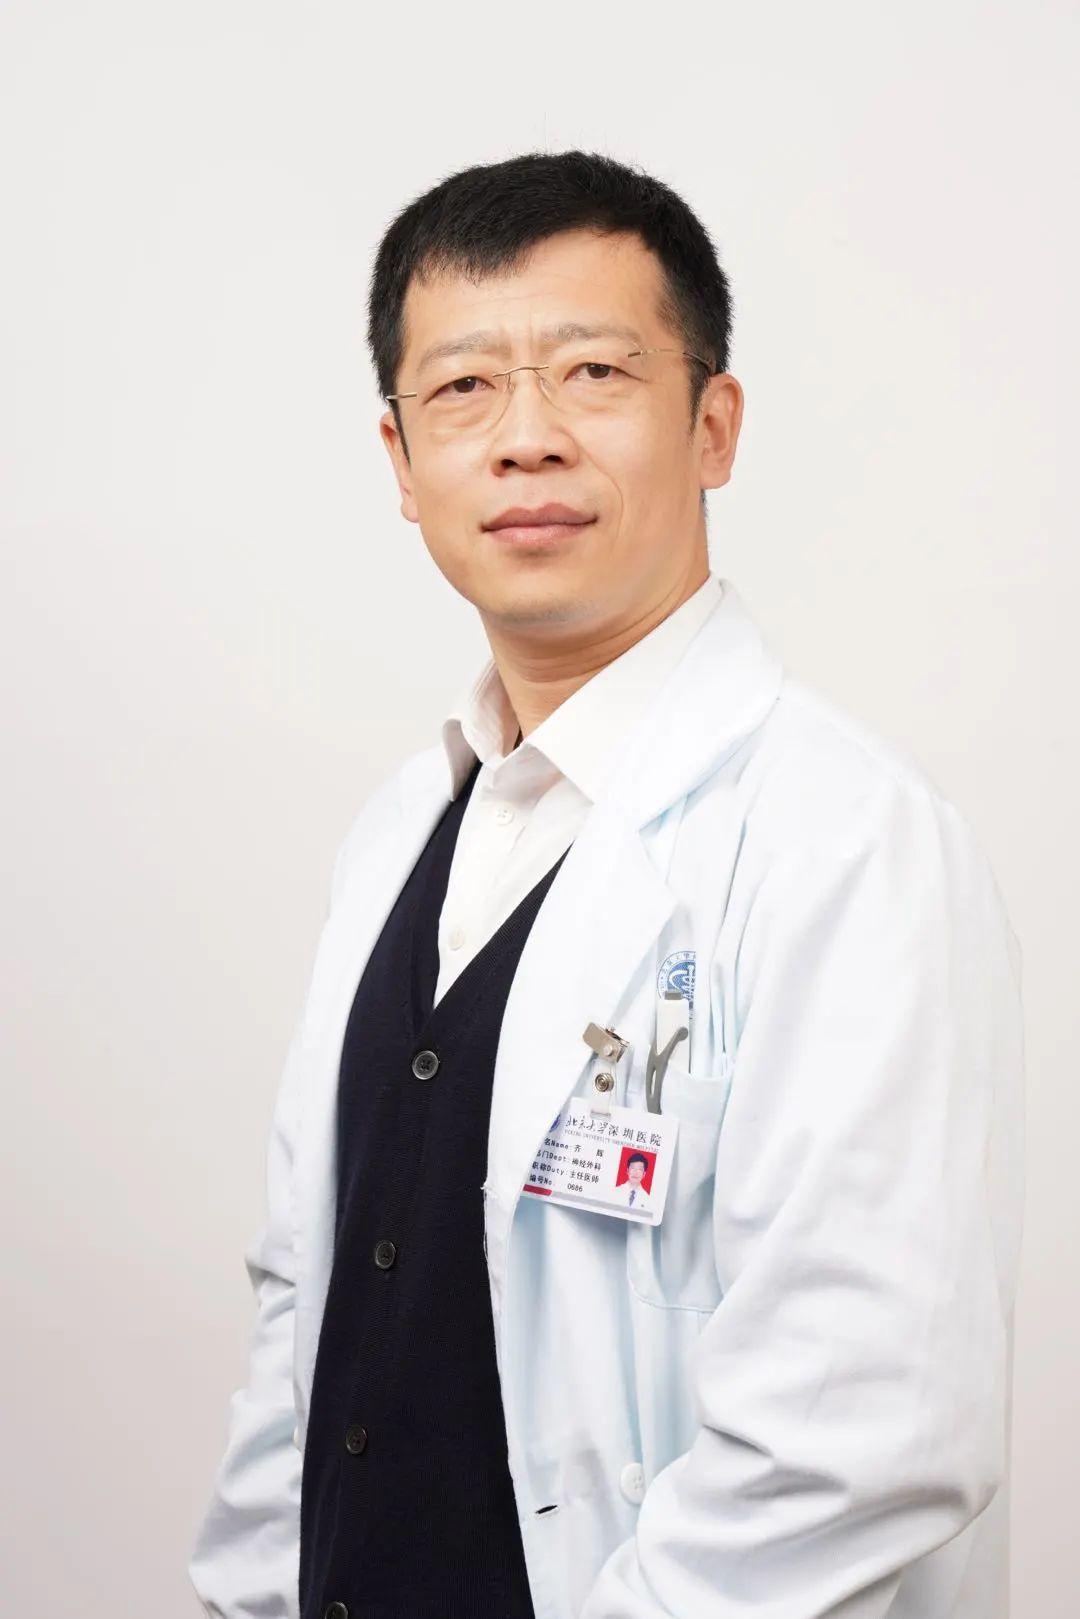 北京大学深圳医院脑血管病团队奋战 10 小时解决脑动脉瘤